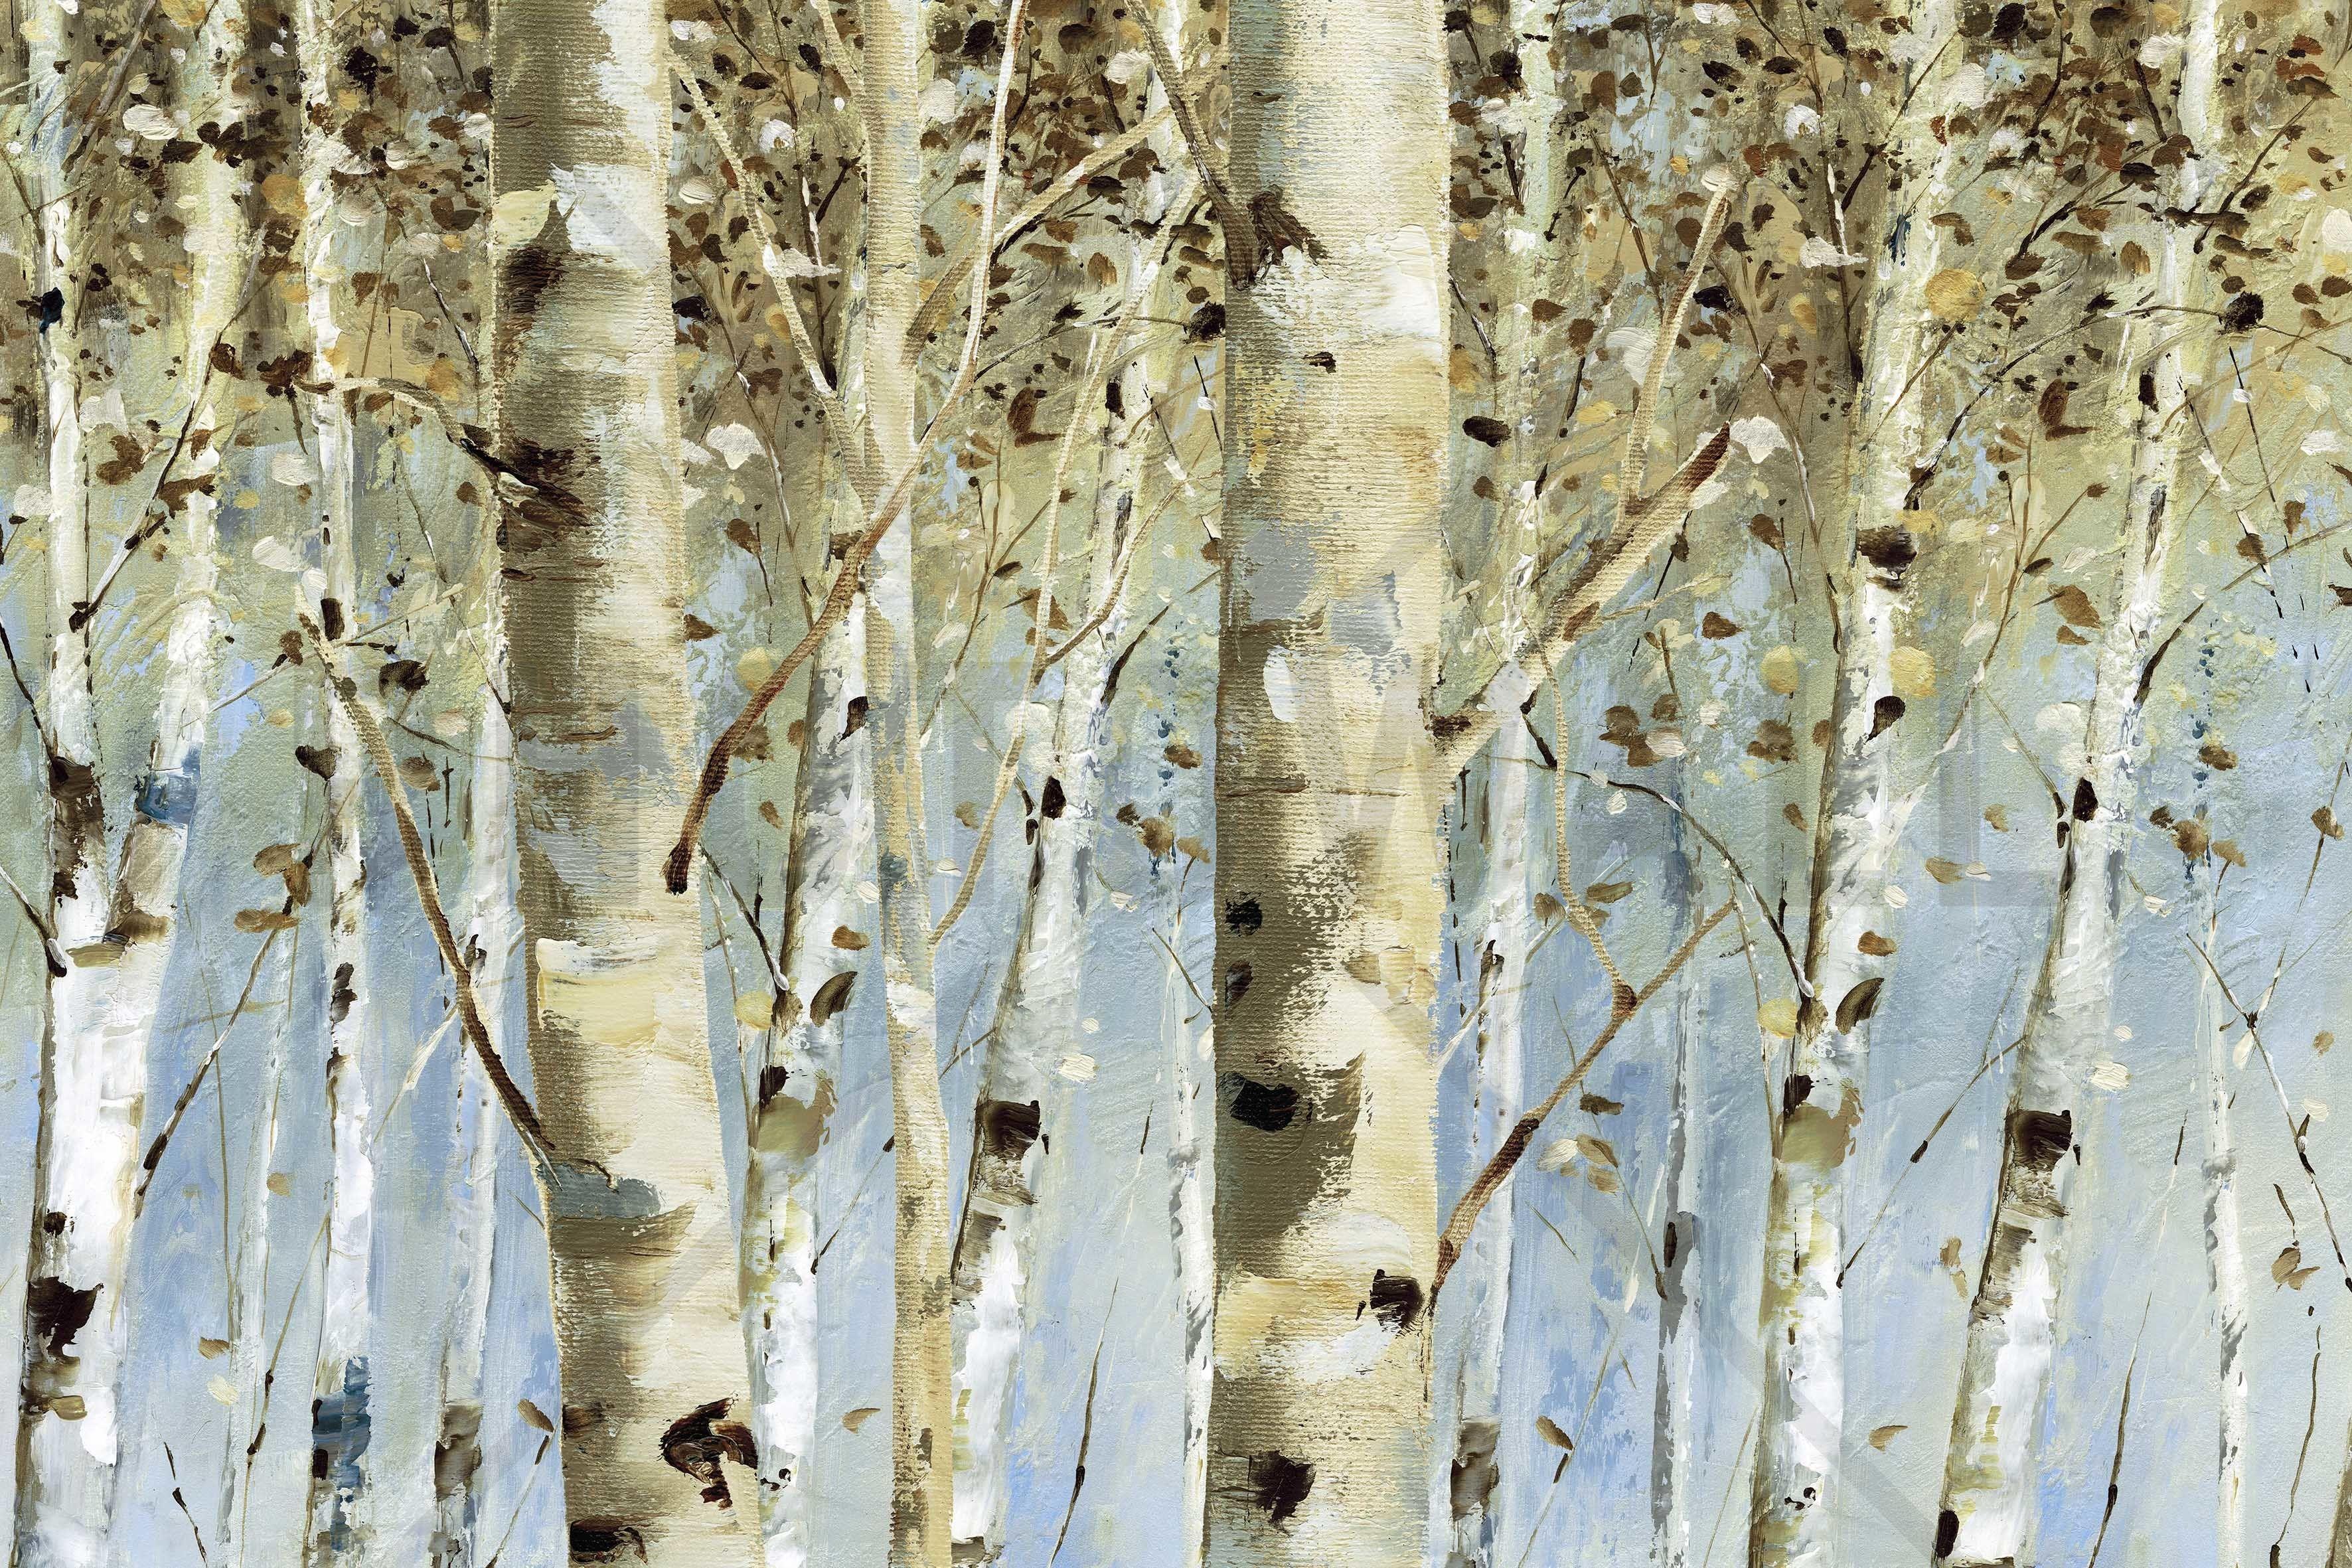 Light Forest - Fototapeten & Tapeten - Photowall